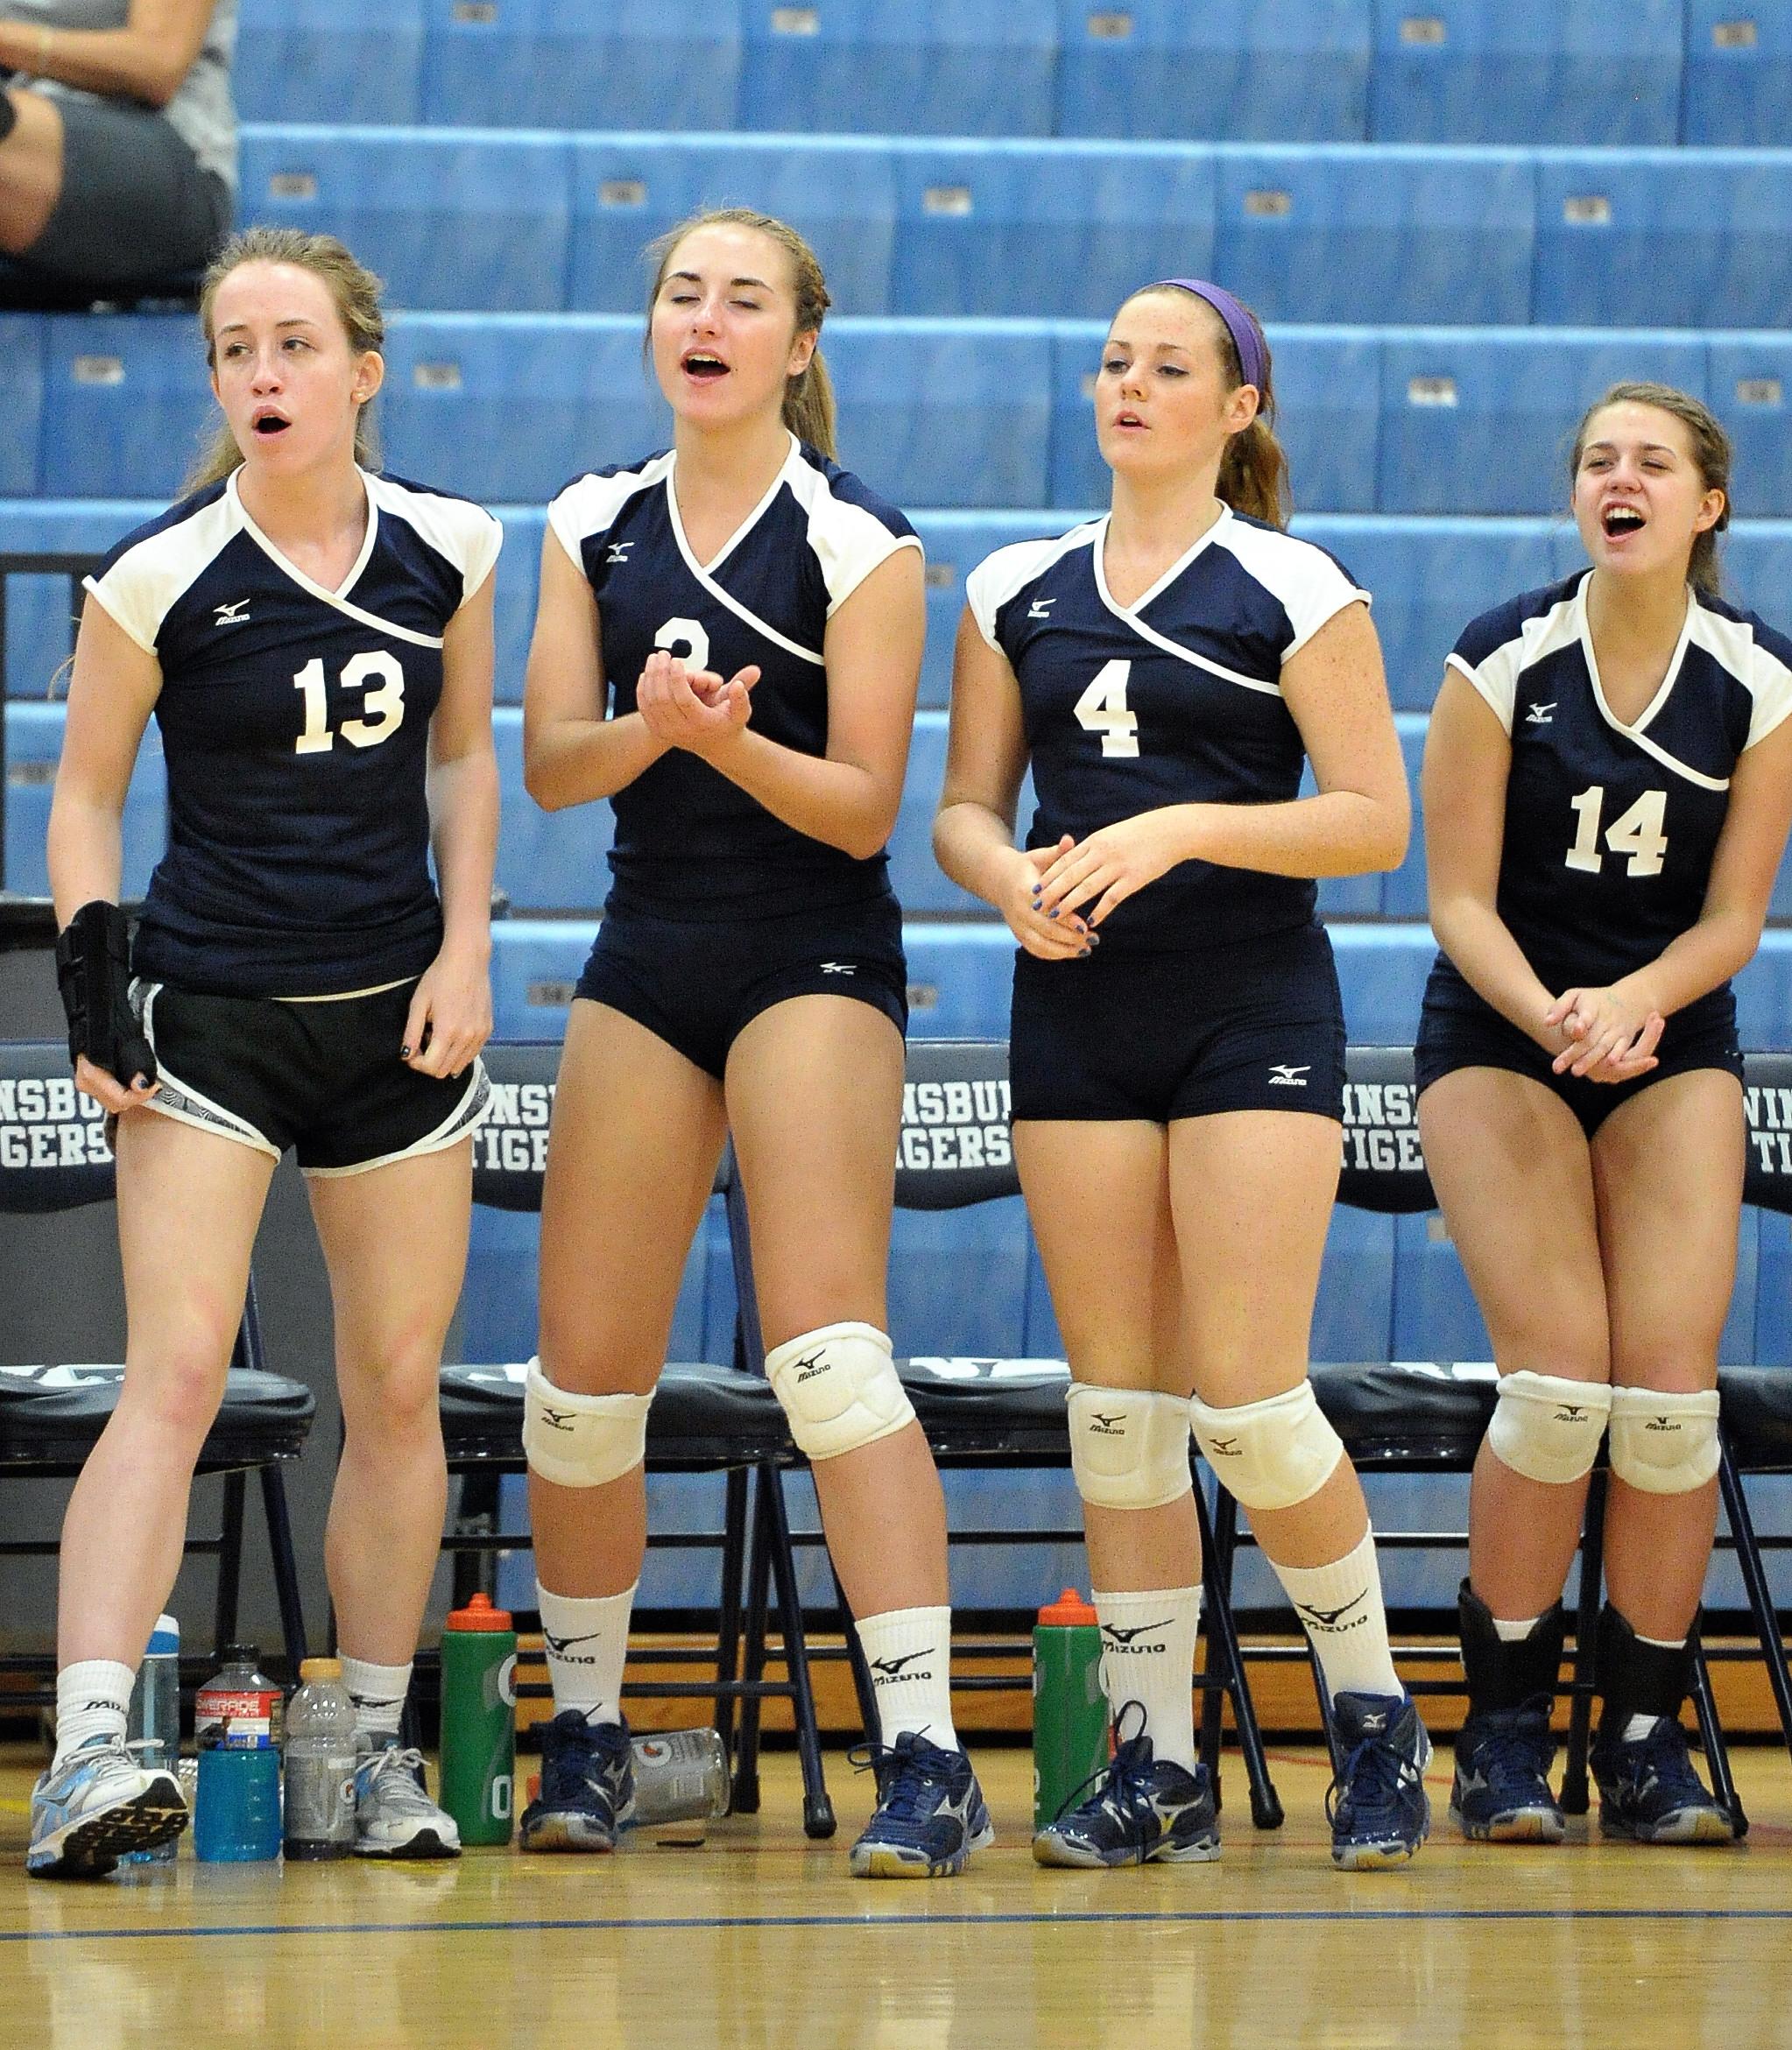 women's volleyball net height - HD2046×2341